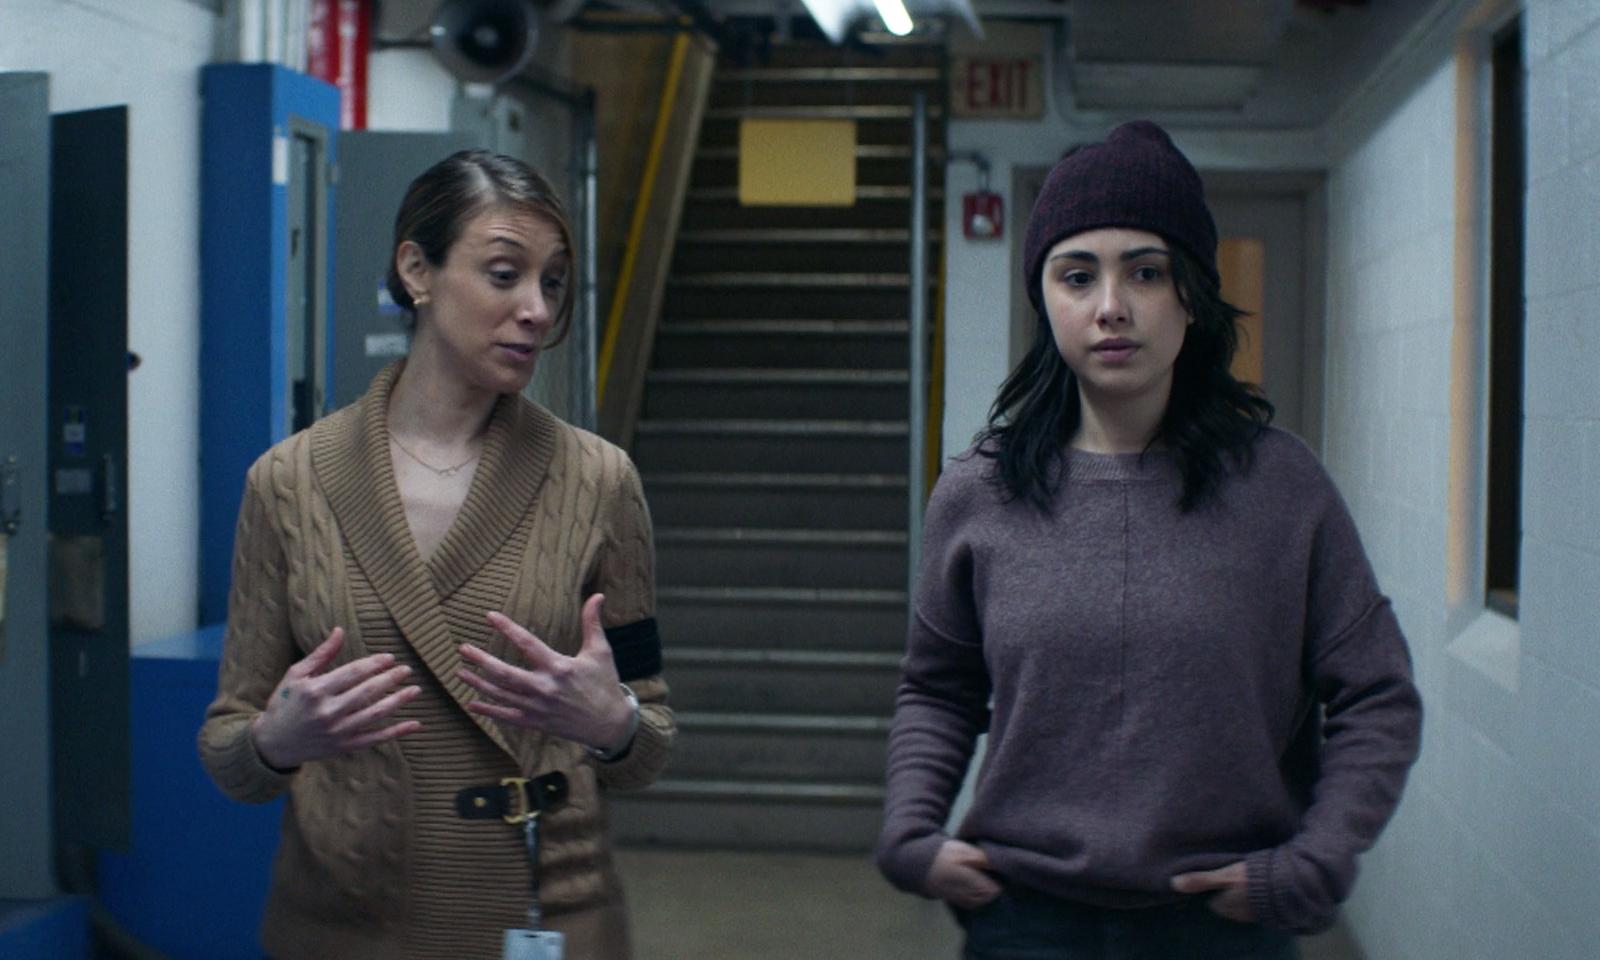 Dra. Lyla e Hope fazendo uma tour pelas instalações da CRM no episódio 2 da 2ª temporada de The Walking Dead: World Beyond.